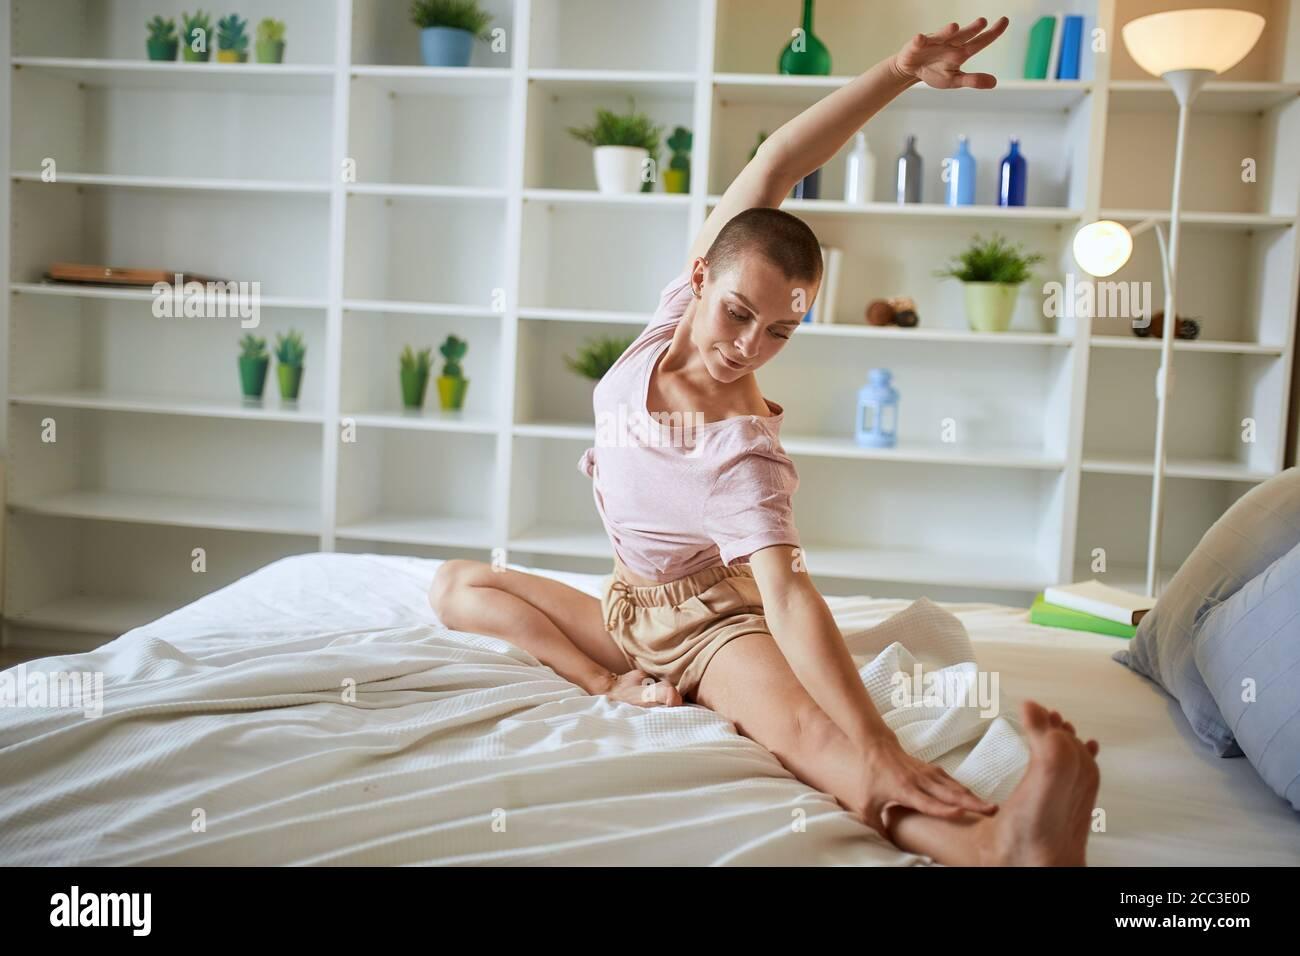 Charmant und smilng fitness Frau im Schlafanzug Übungen zu Hause auf dem Bett. Gesunder Lebensstil Konzept Stockfoto